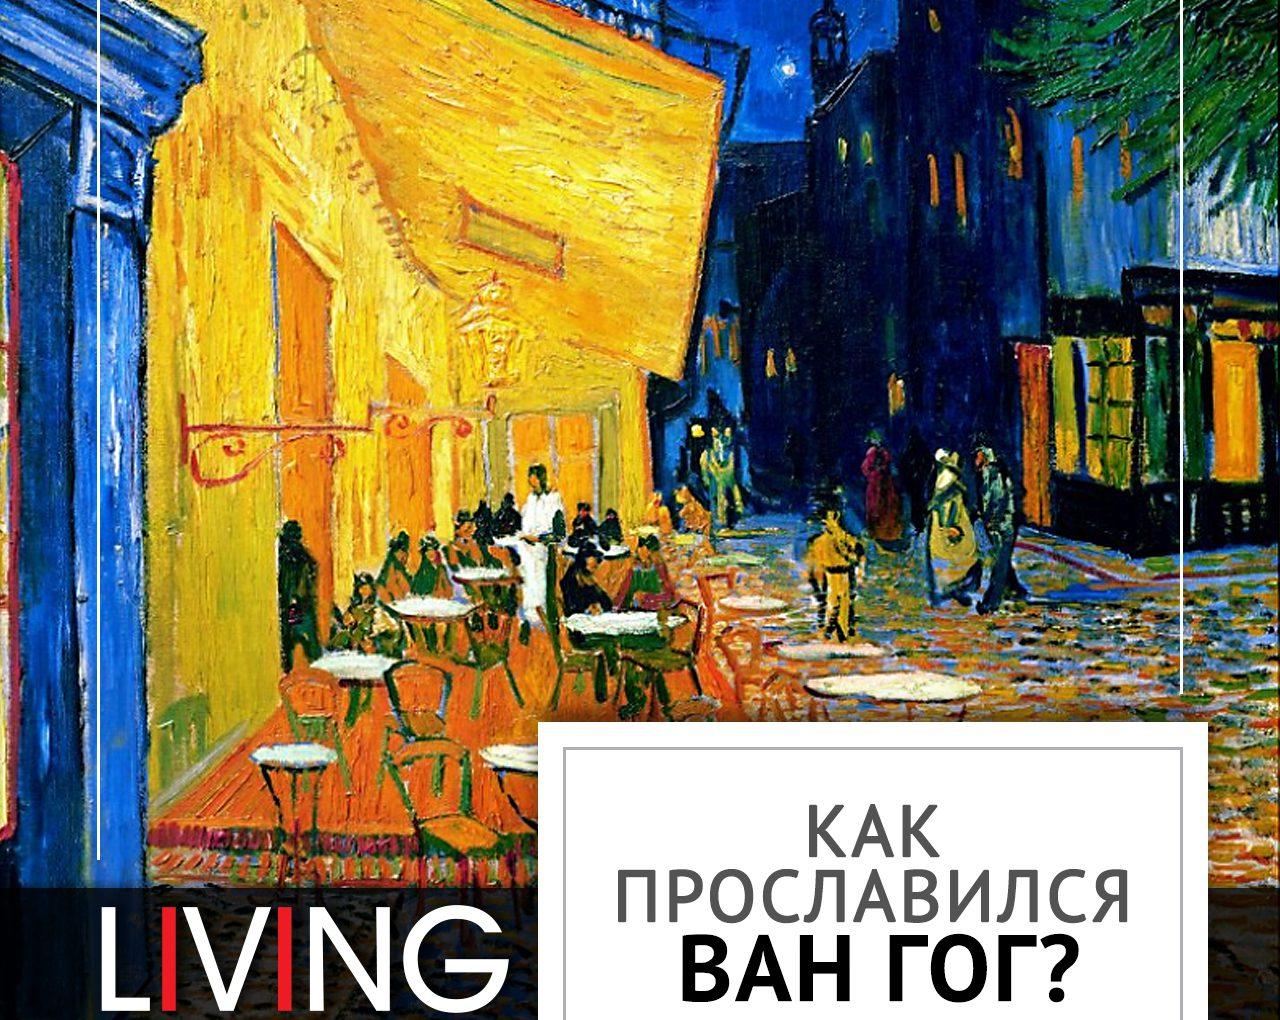 Как прославился Ван Гог?